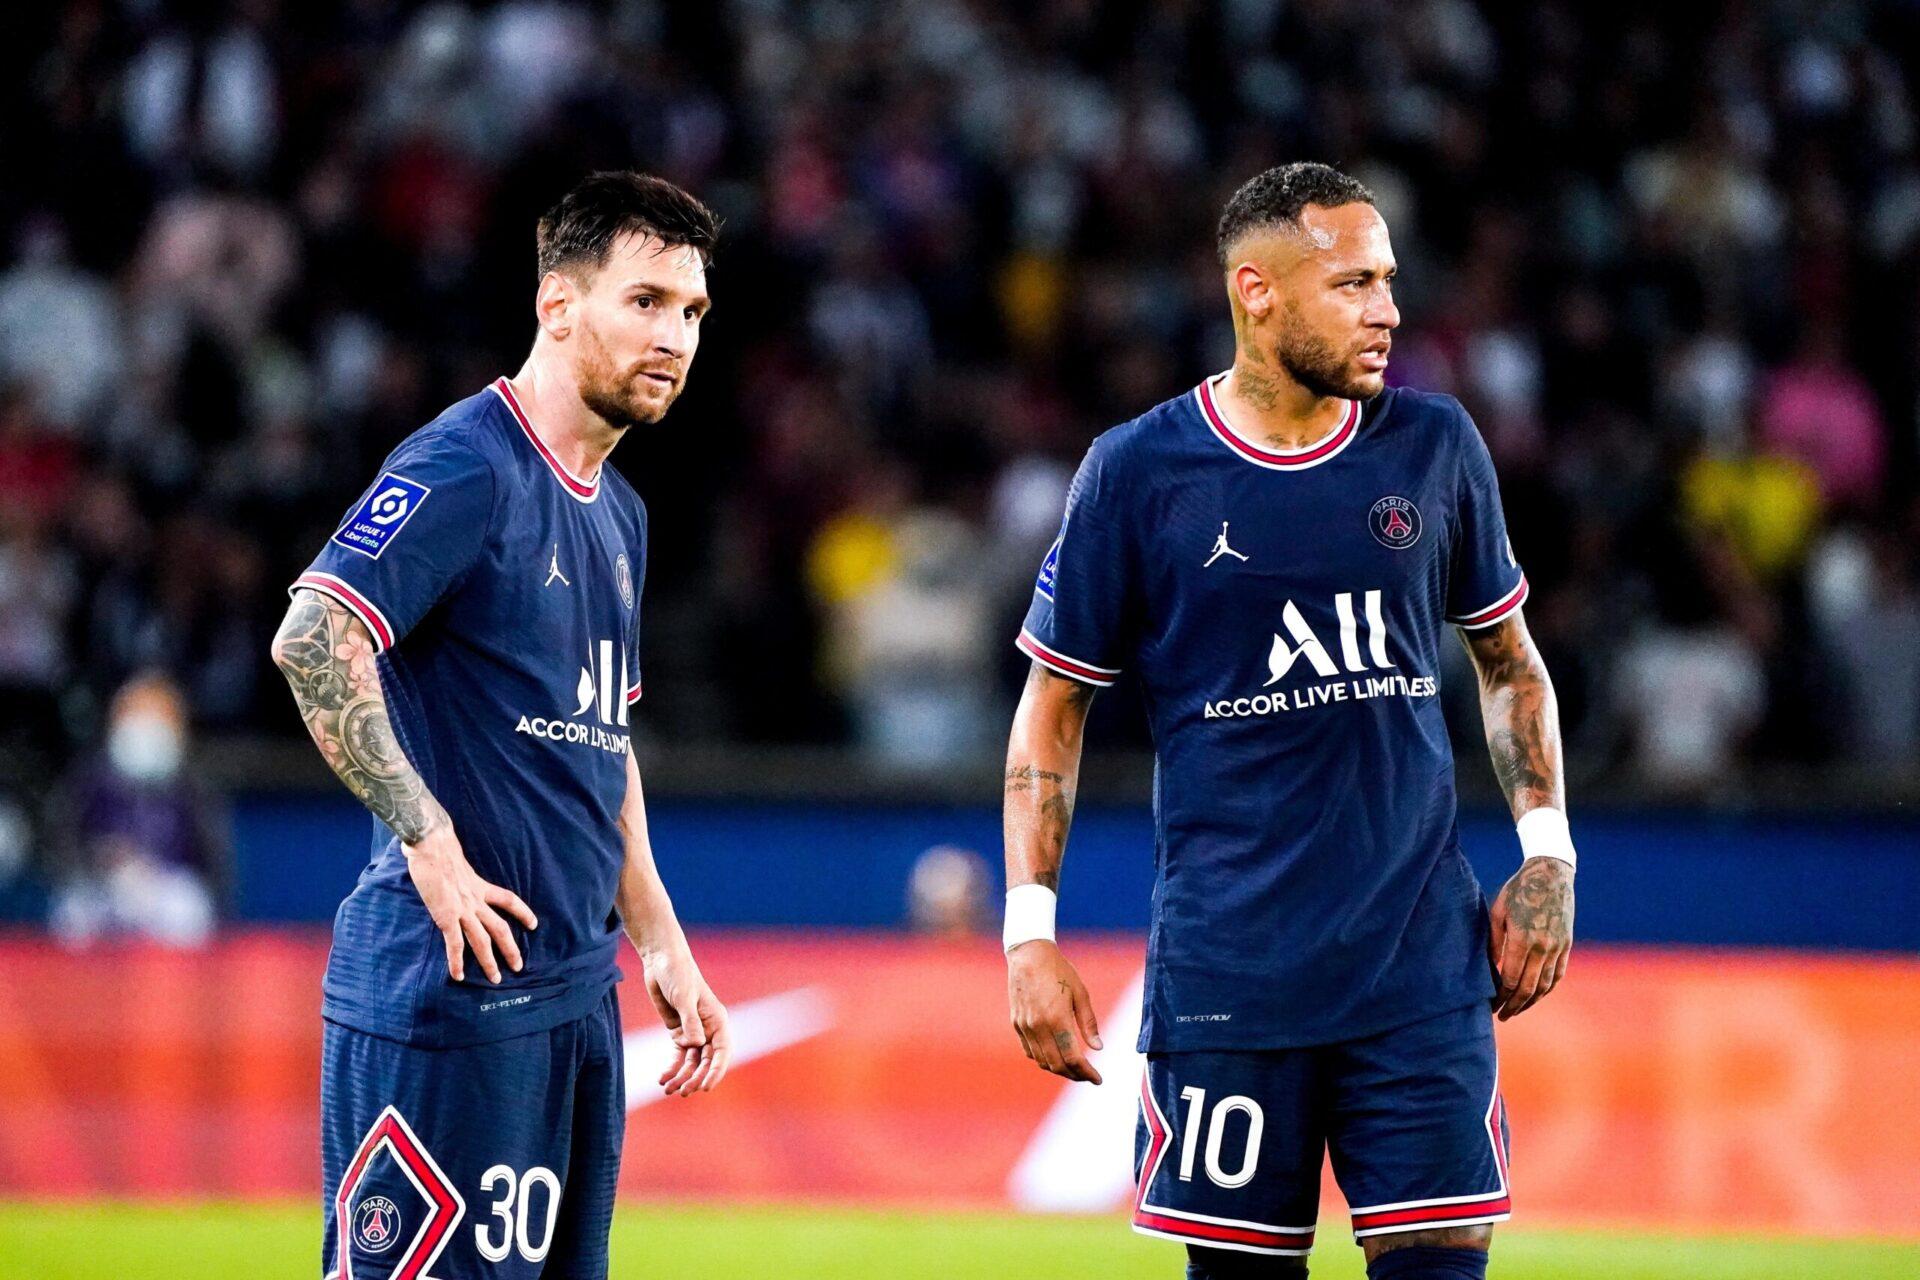 L'arrivée de Leo Messi au PSG peut-il permettre à Neymar de faire évoluer son jeu ? Icon Sport